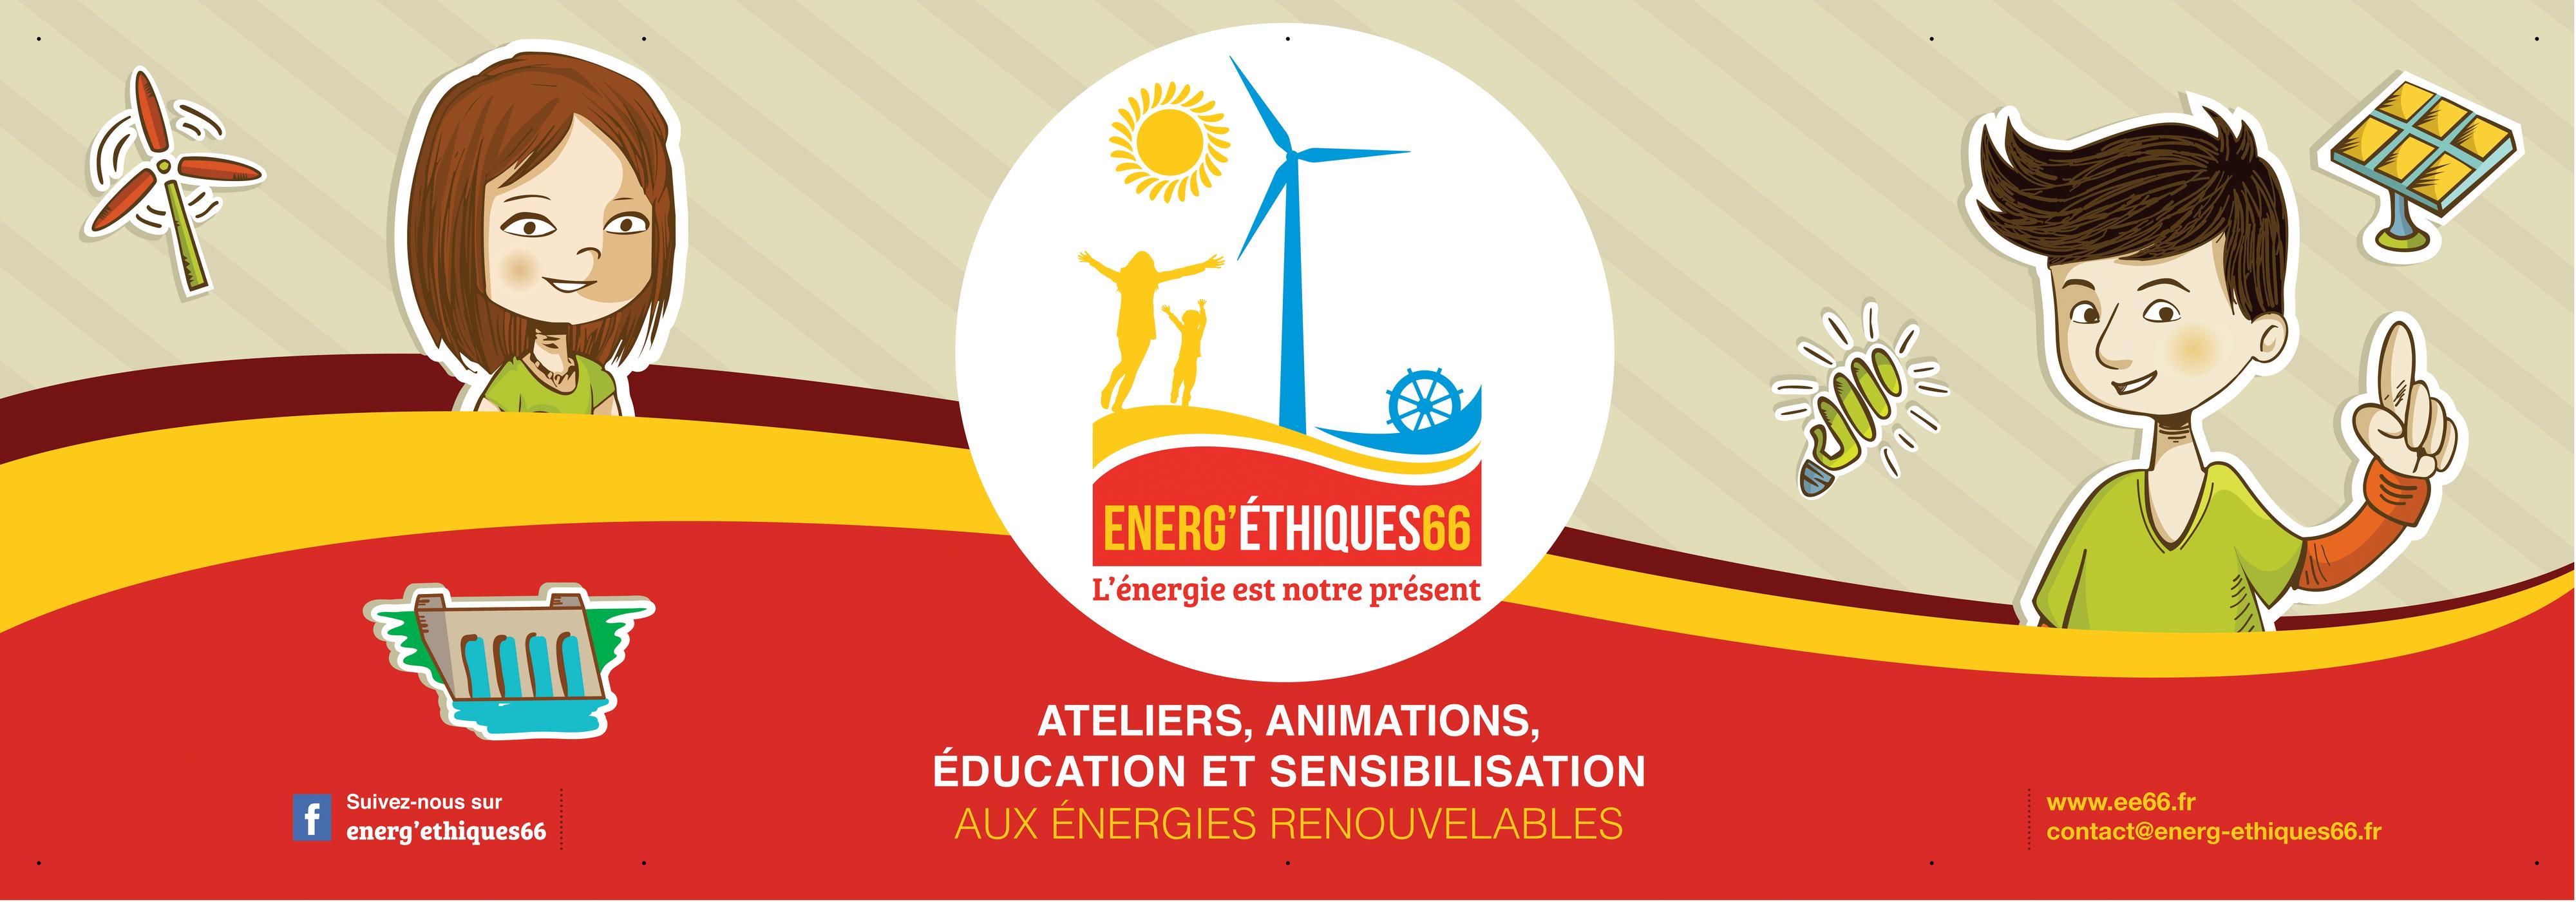 Energ'Ethiques66